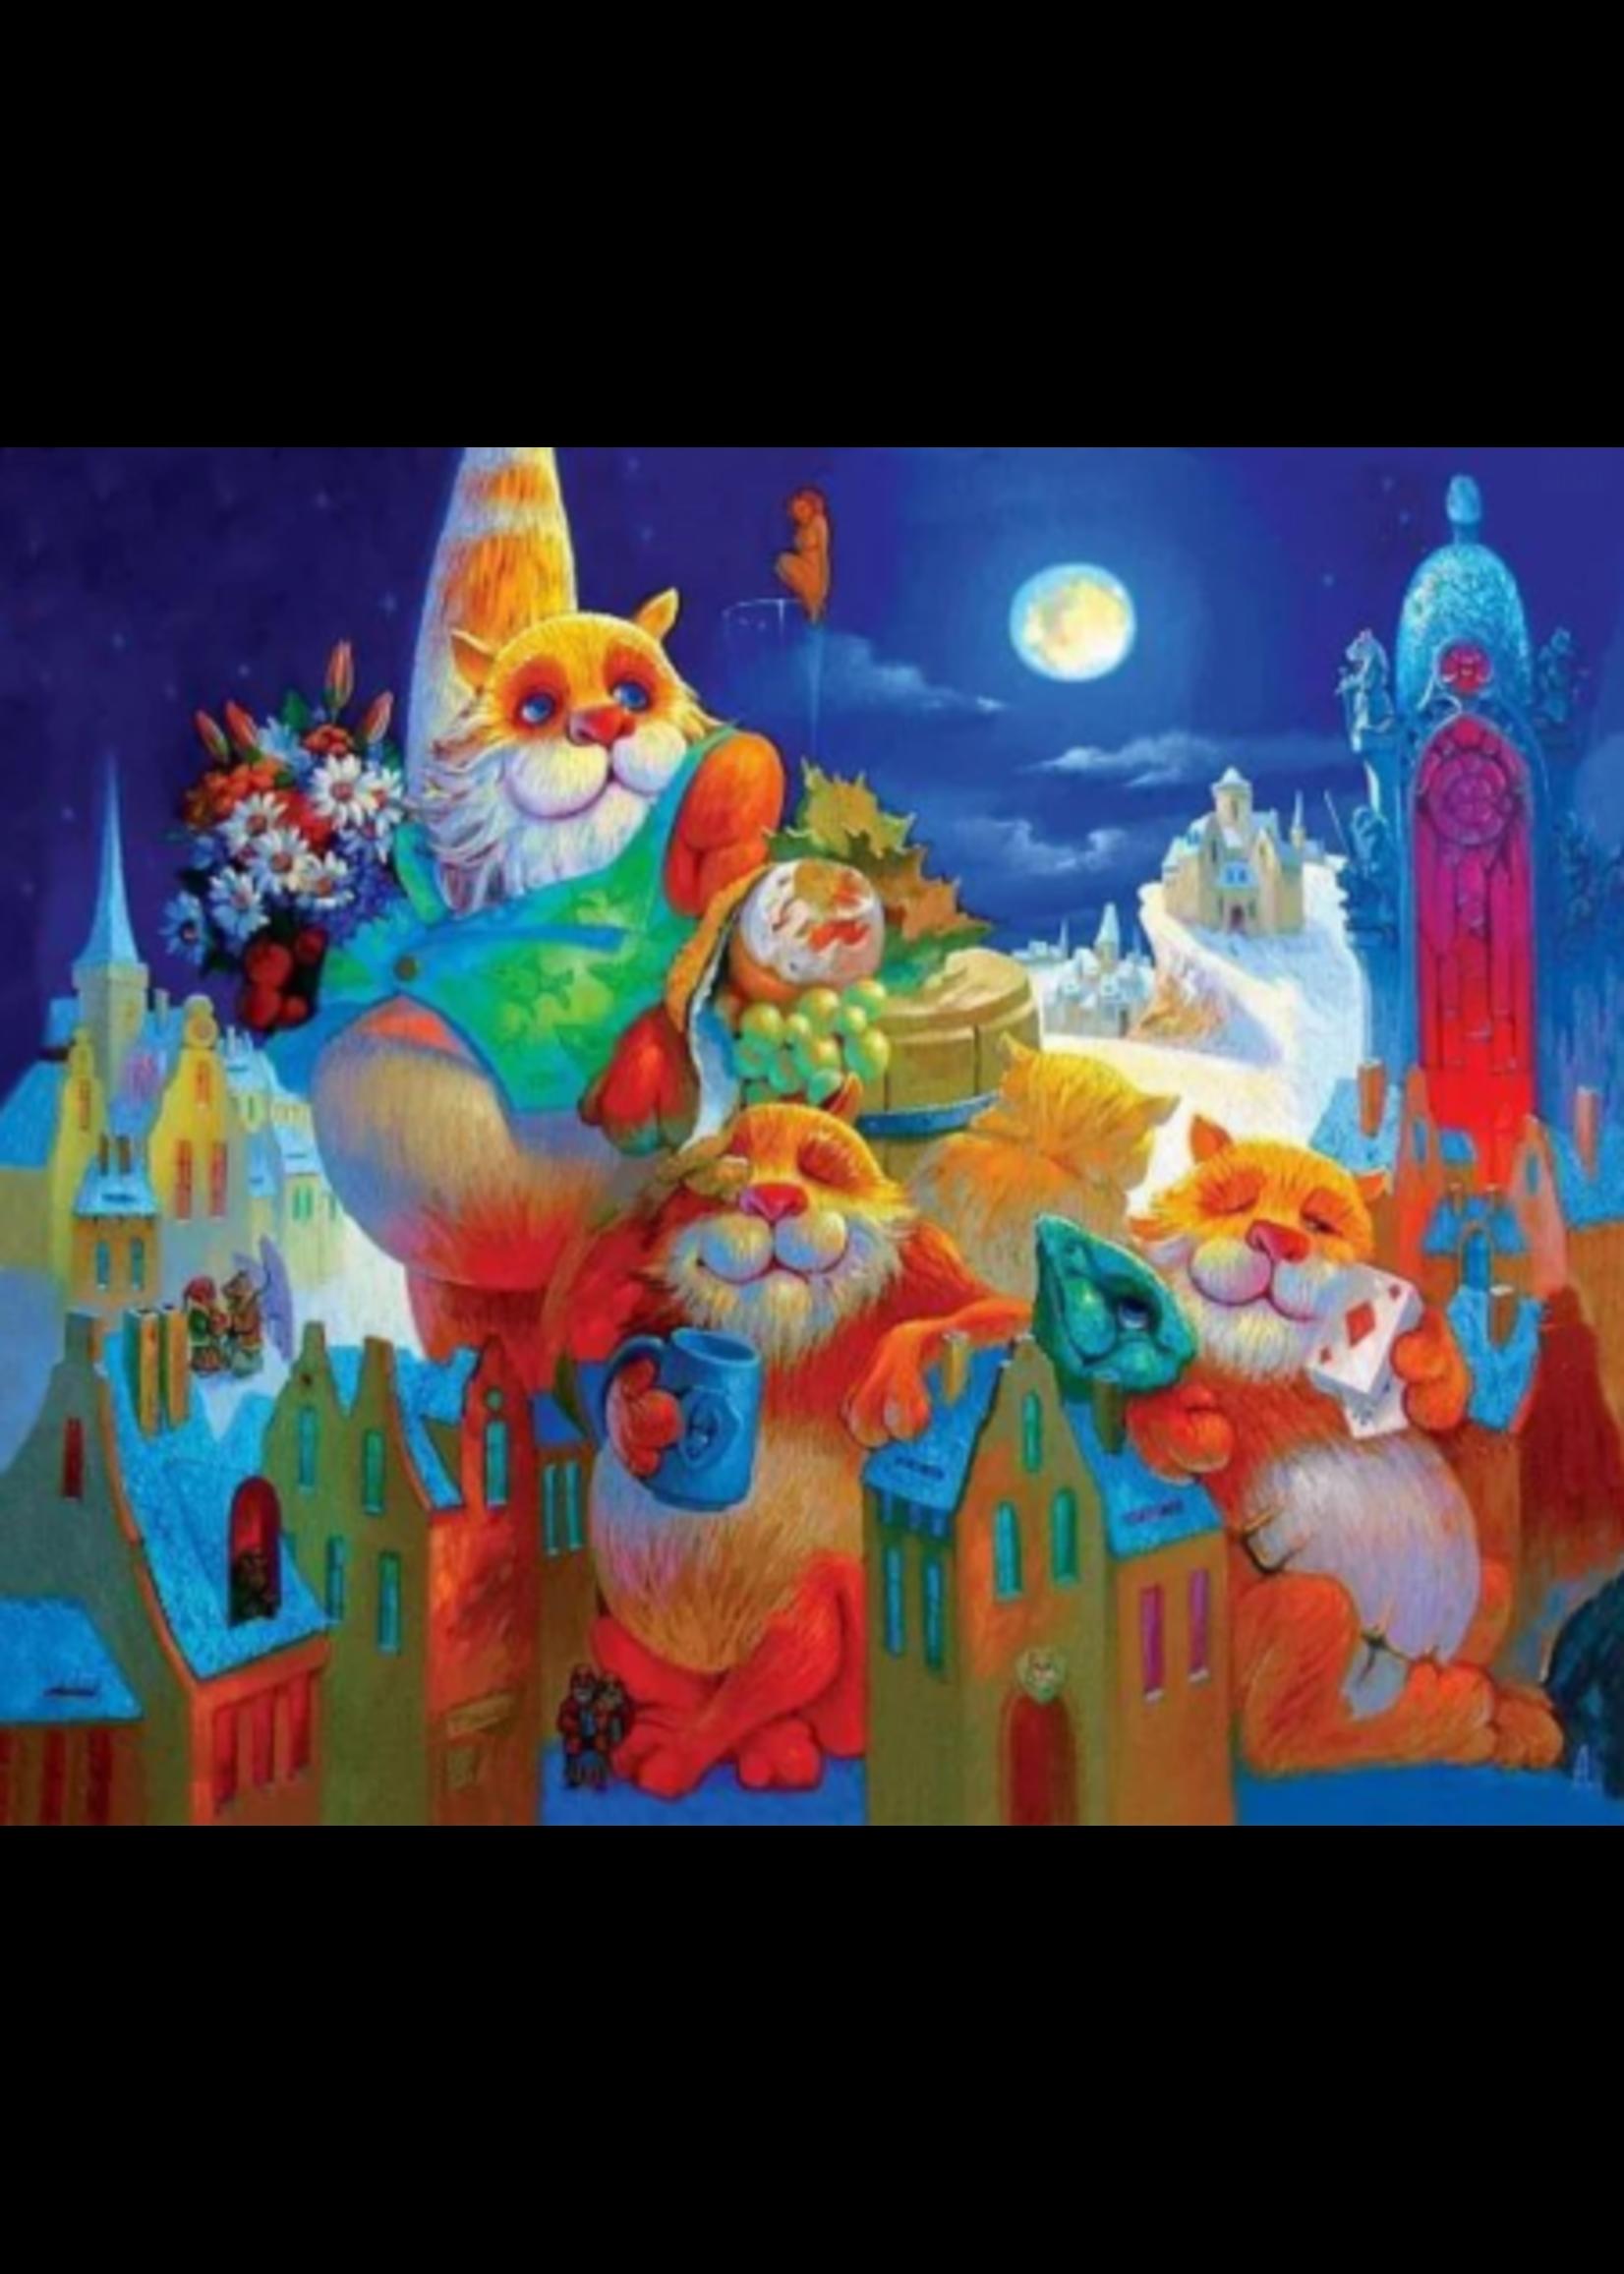 DaVICI Puzzel™ - Het Vollemaan Feest (195) - Houten Puzzel